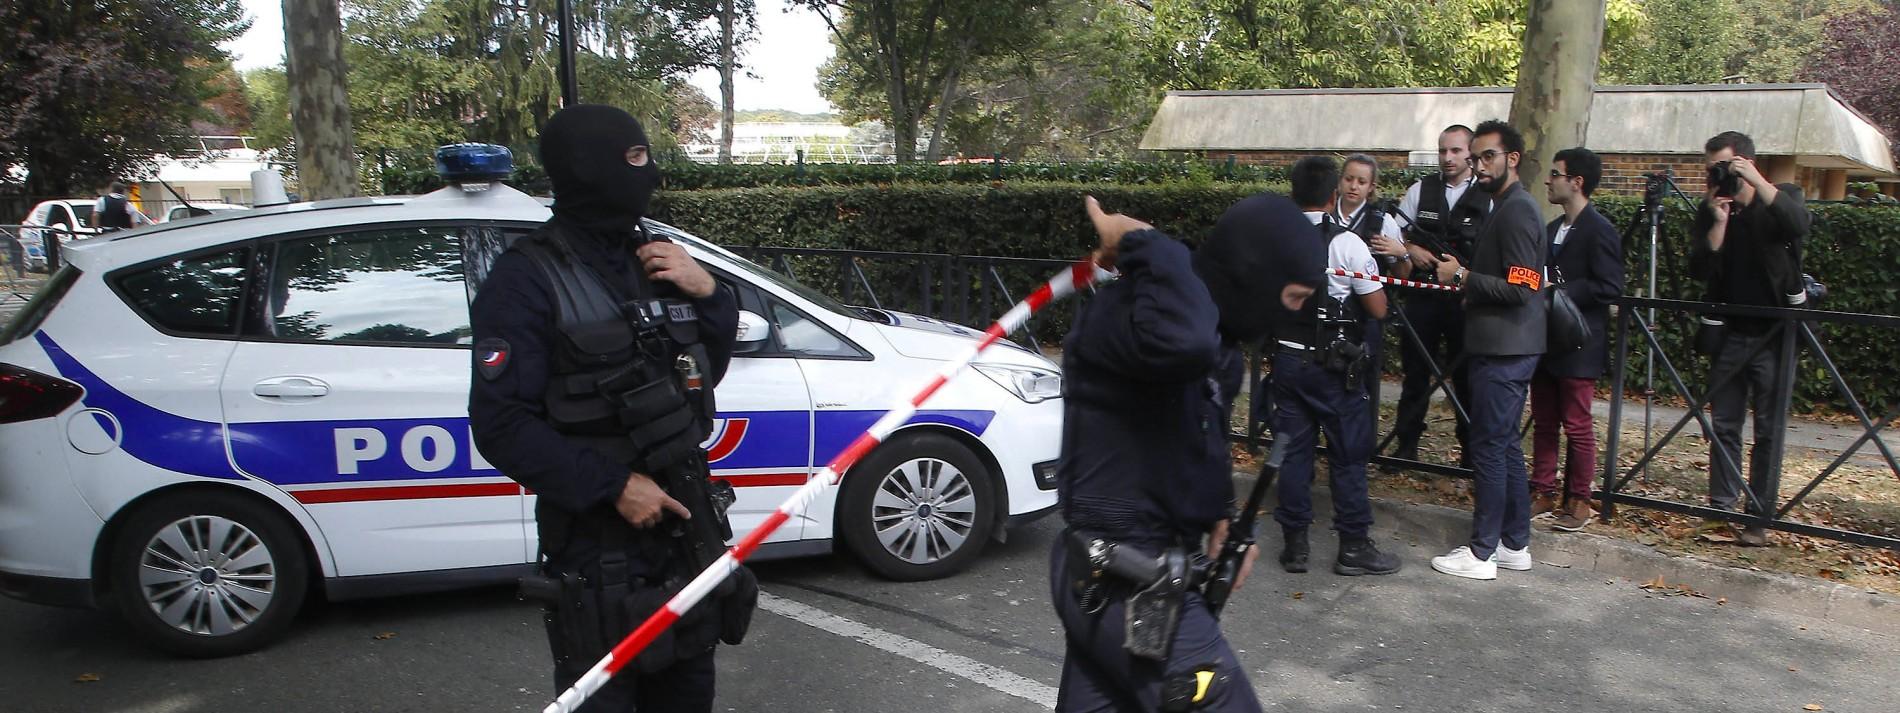 Terroranschlag oder Familiendrama?